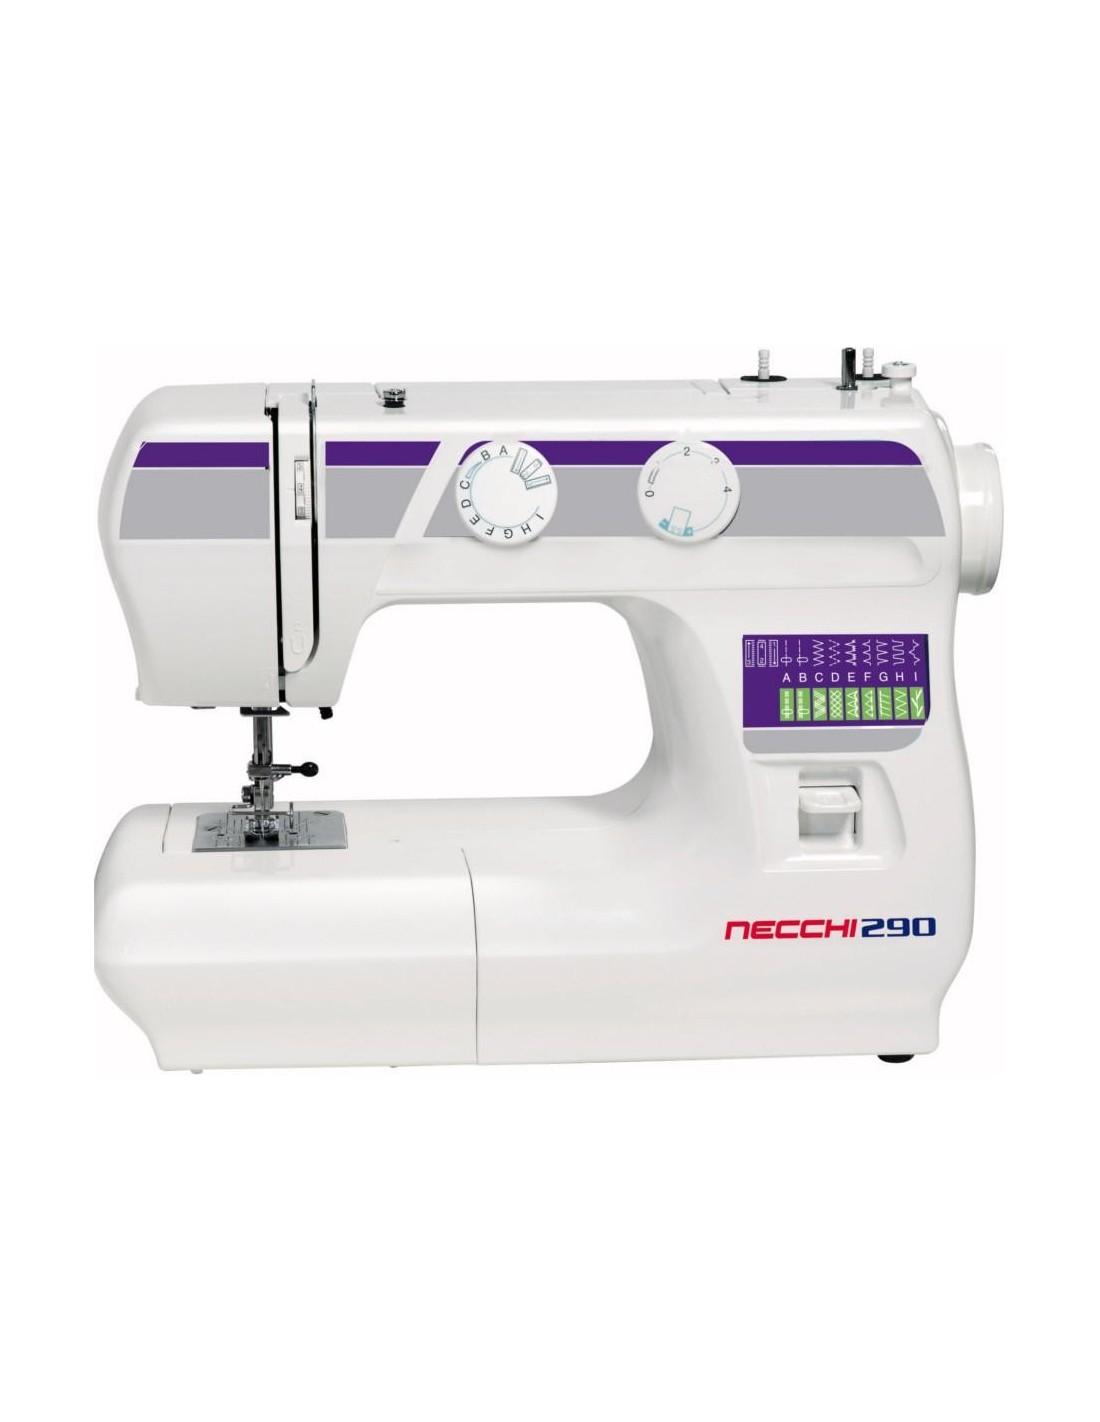 Macchina da cucire necchi 290 macchine per cucire for Macchina cucire necchi